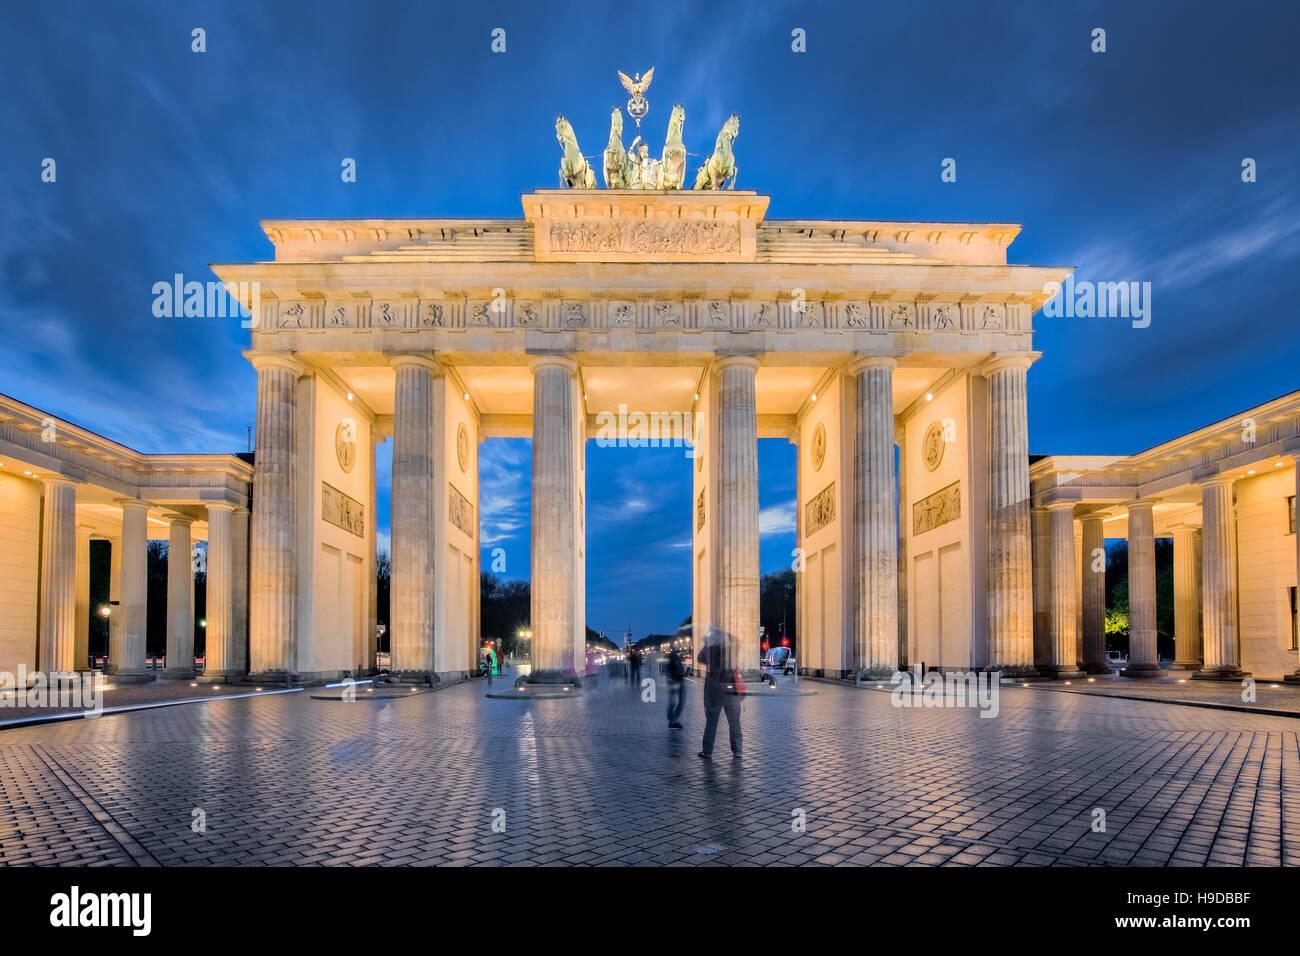 Noche de Berlín, la Puerta de Brandenburgo en Berlín, Alemania. Imagen De Stock